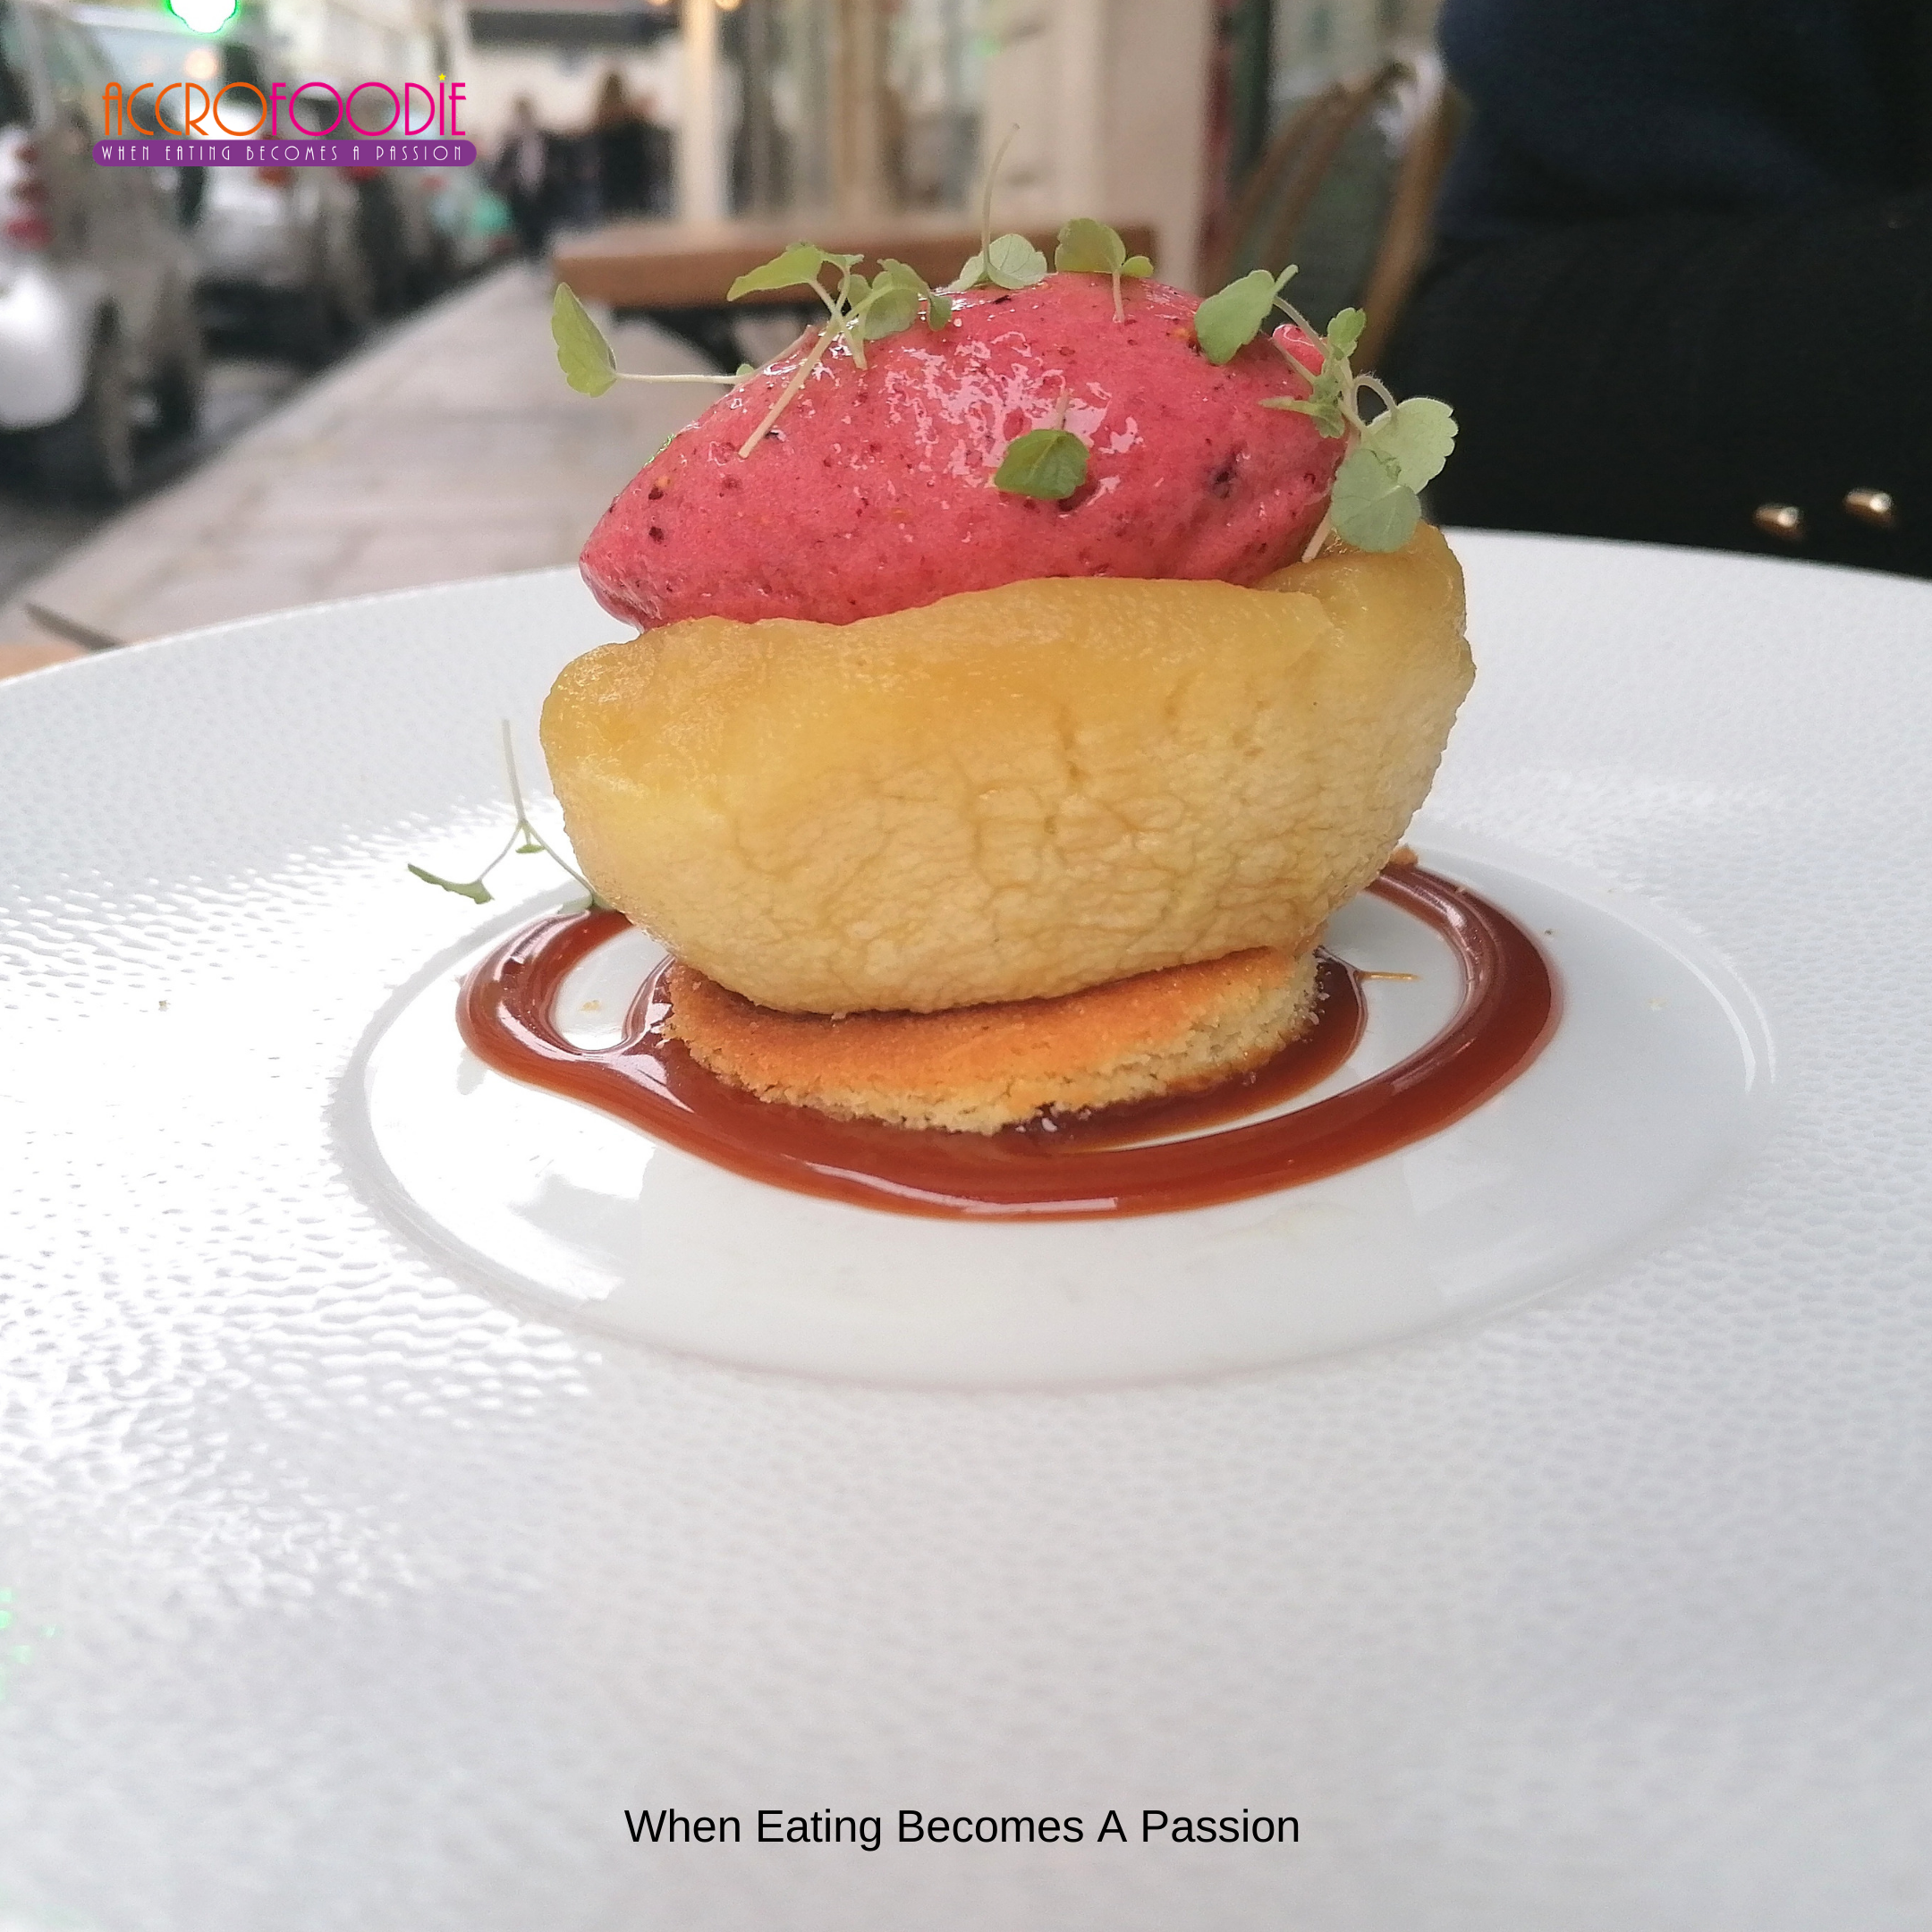 Pomme Tatin sablé breton et son sorbet fraise (un régal fondant)